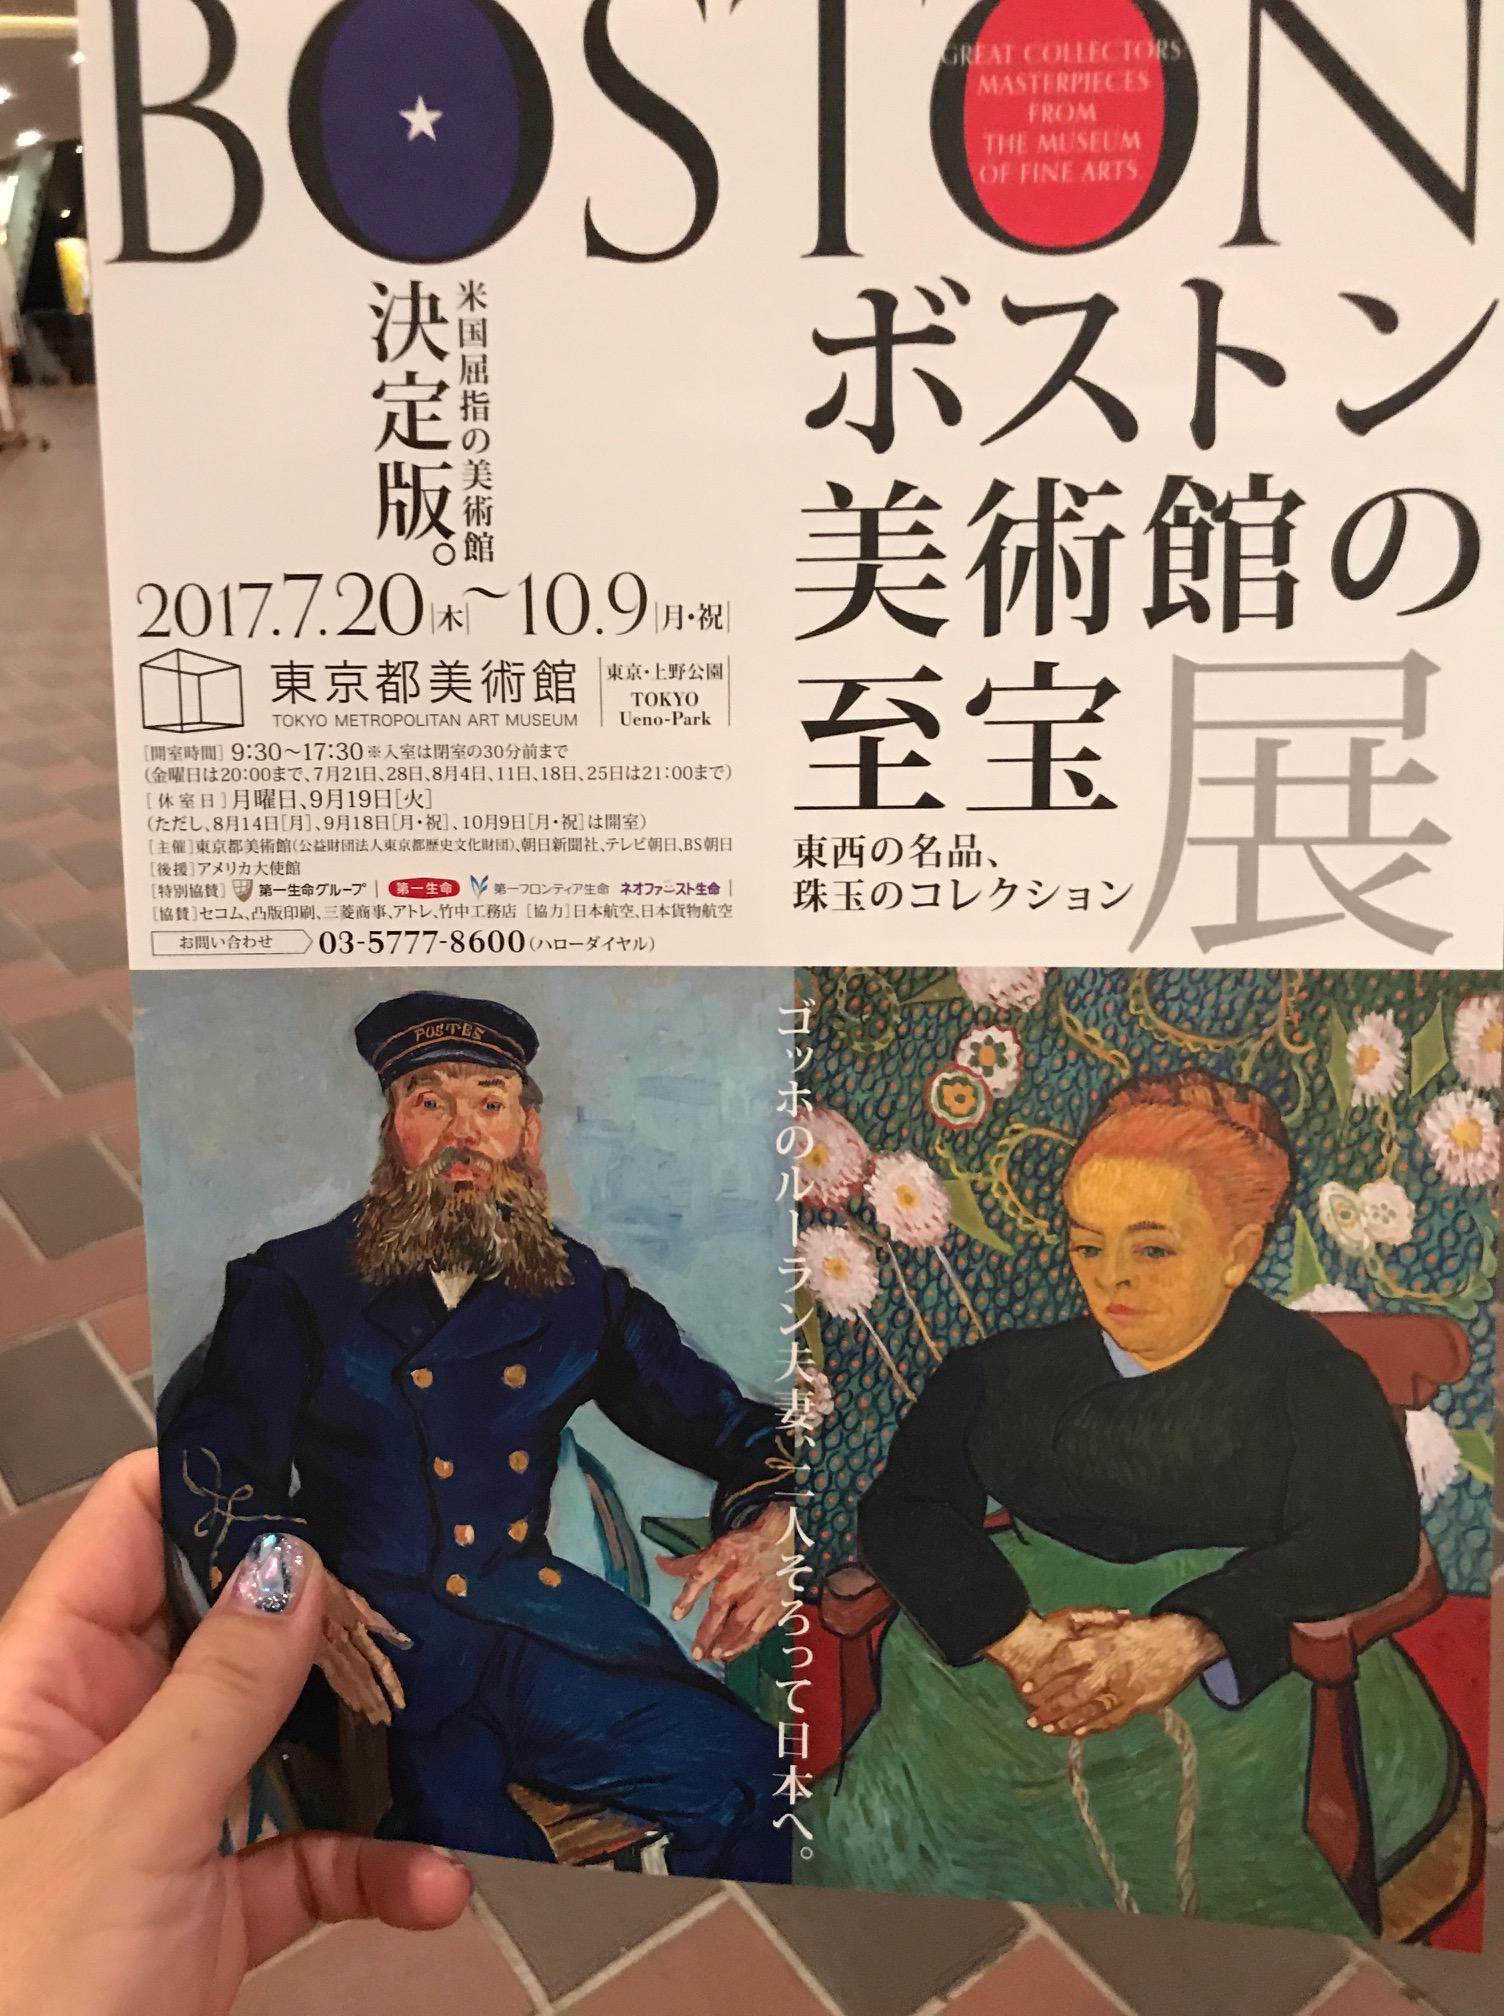 東京都美術館「ボストン美術館の至宝展」ポスター